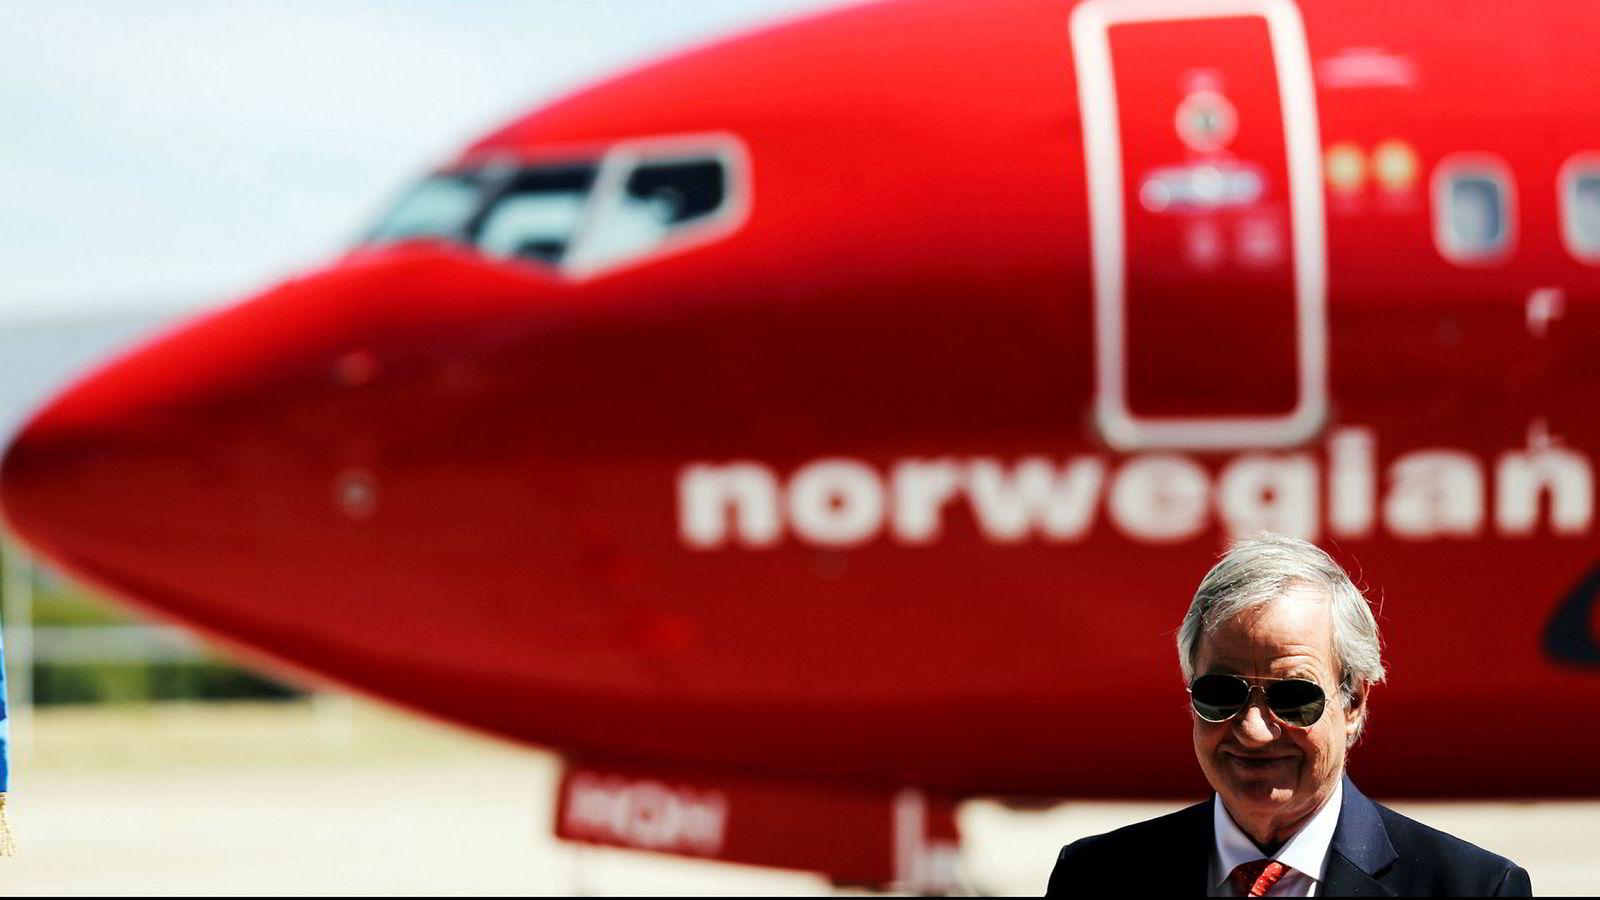 Norwegian-sjef Bjørn Kjos vil ha et diskré sminket (ikke menn) personale med minimum 2 cm hæler (ikke menn) om bord.